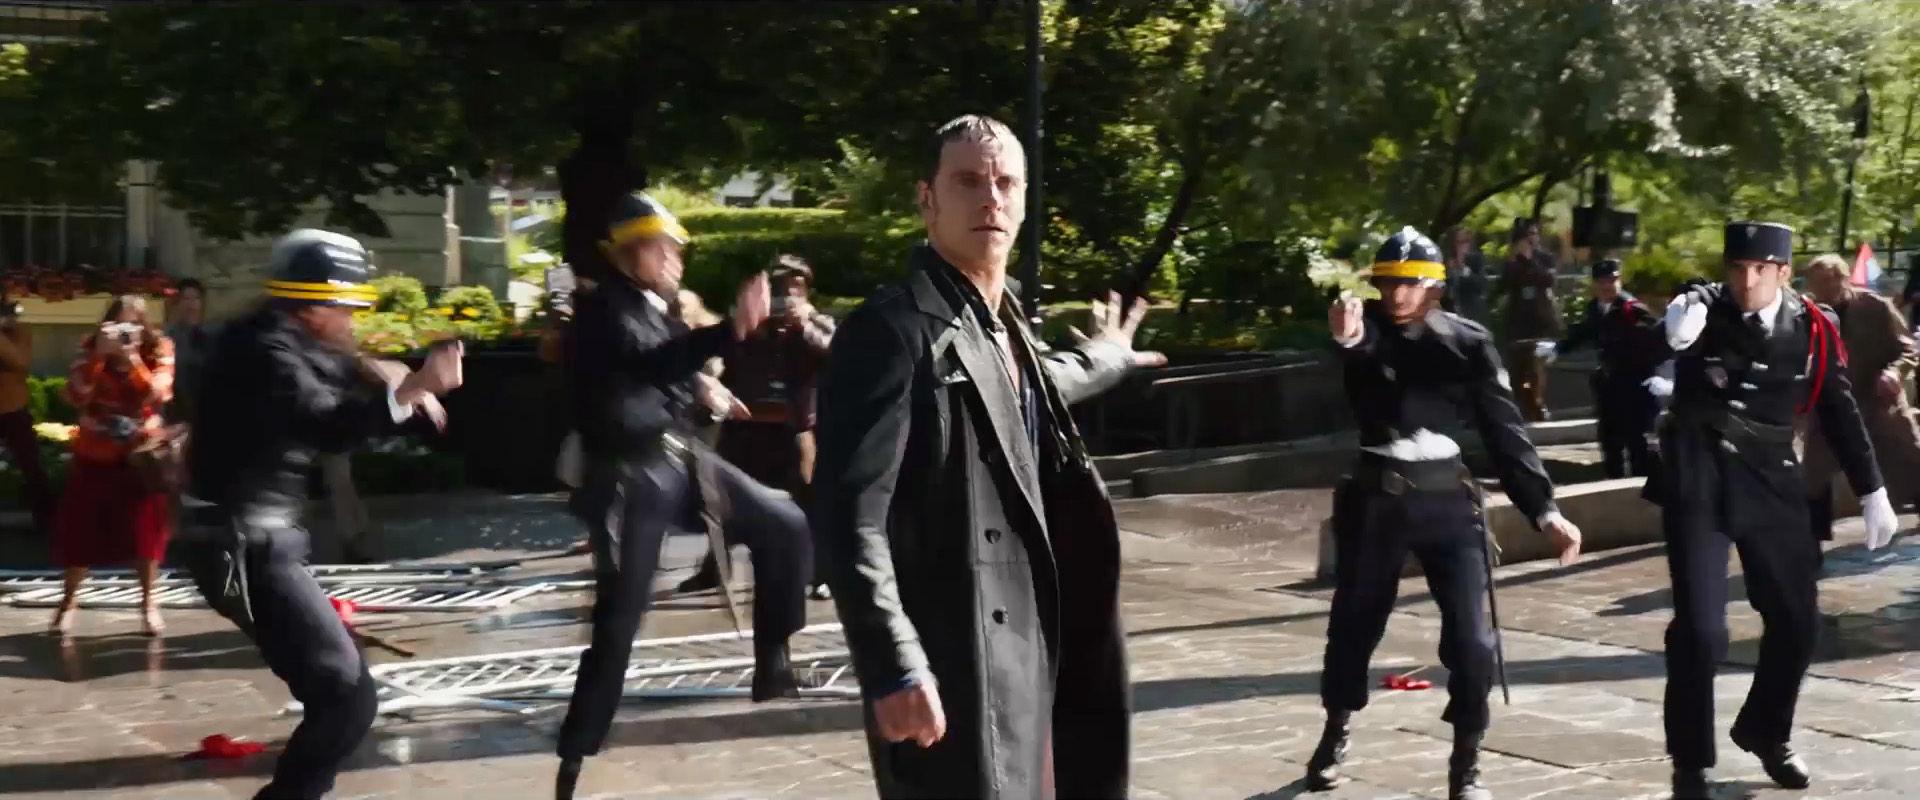 Melhores Vilões Magneto Dias de Um Futuro Esquecido